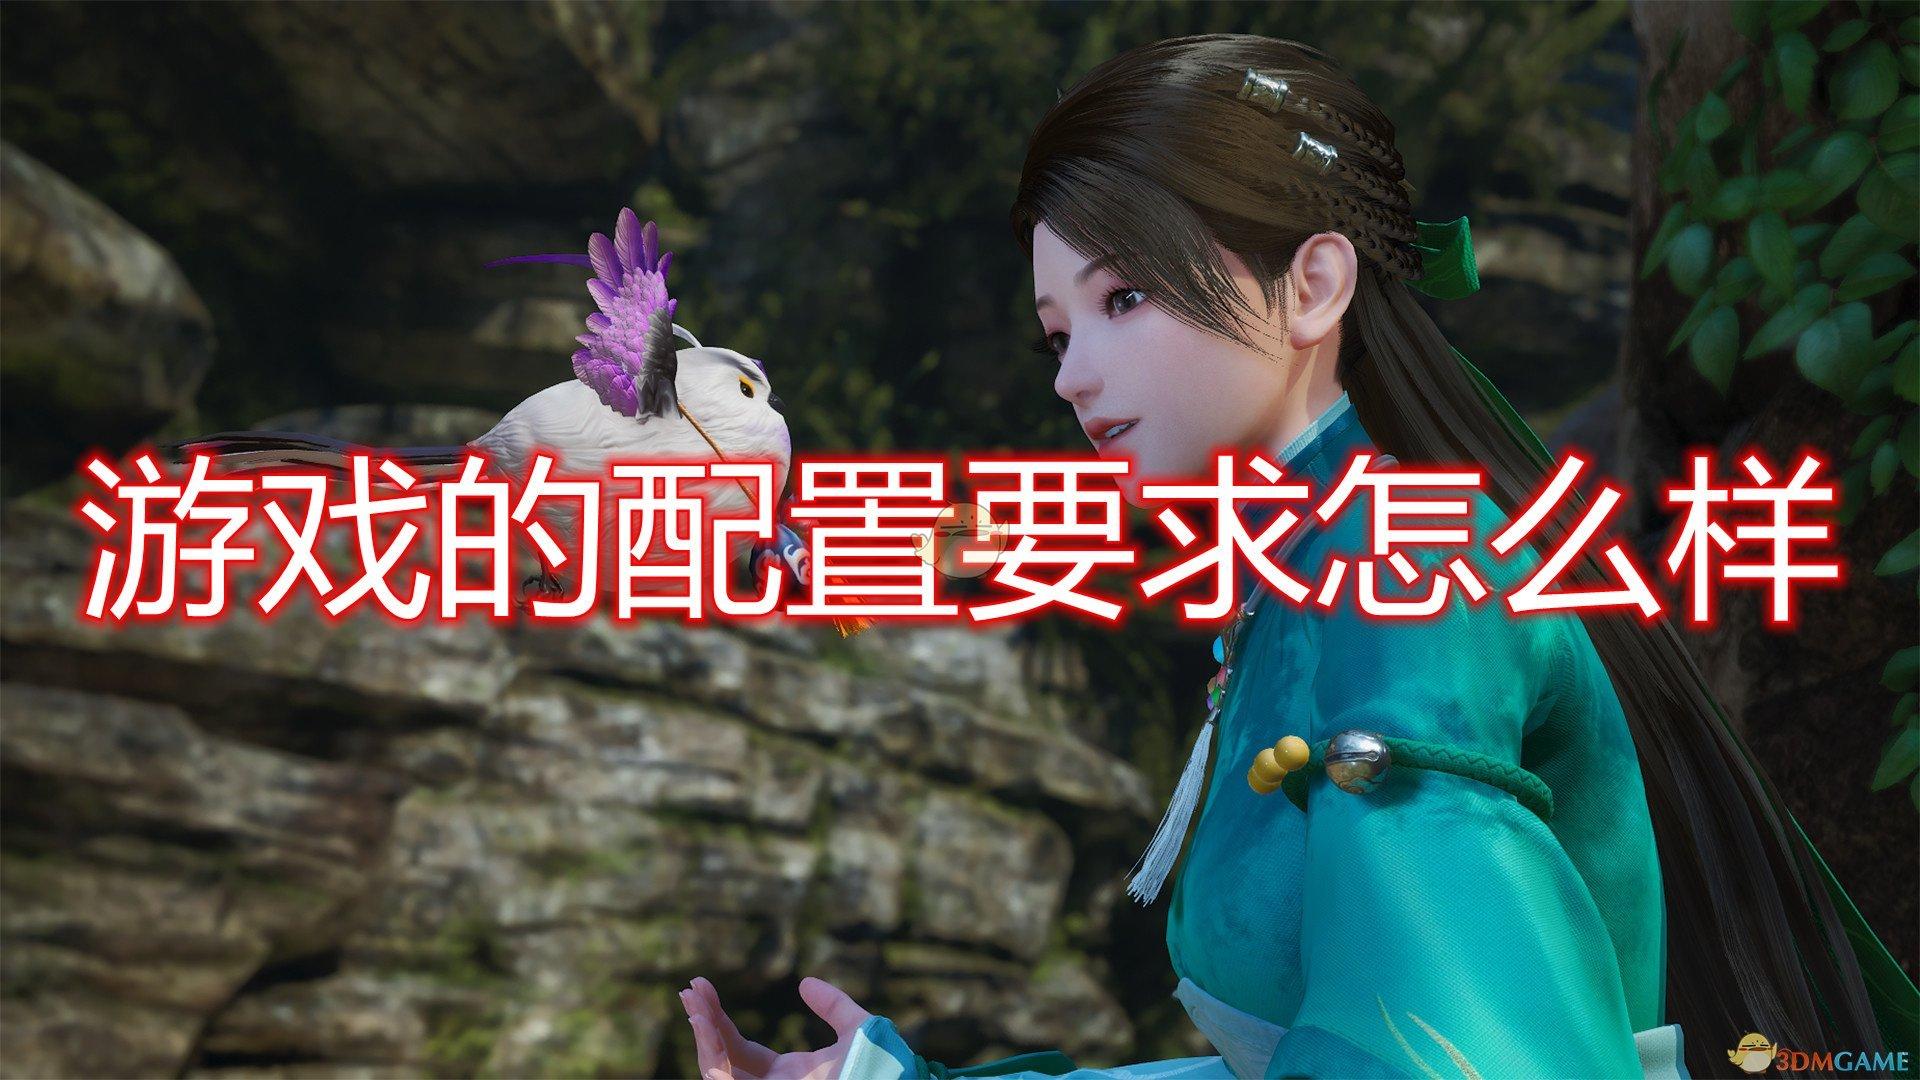 《仙剑奇侠传7》游戏配置要求一览